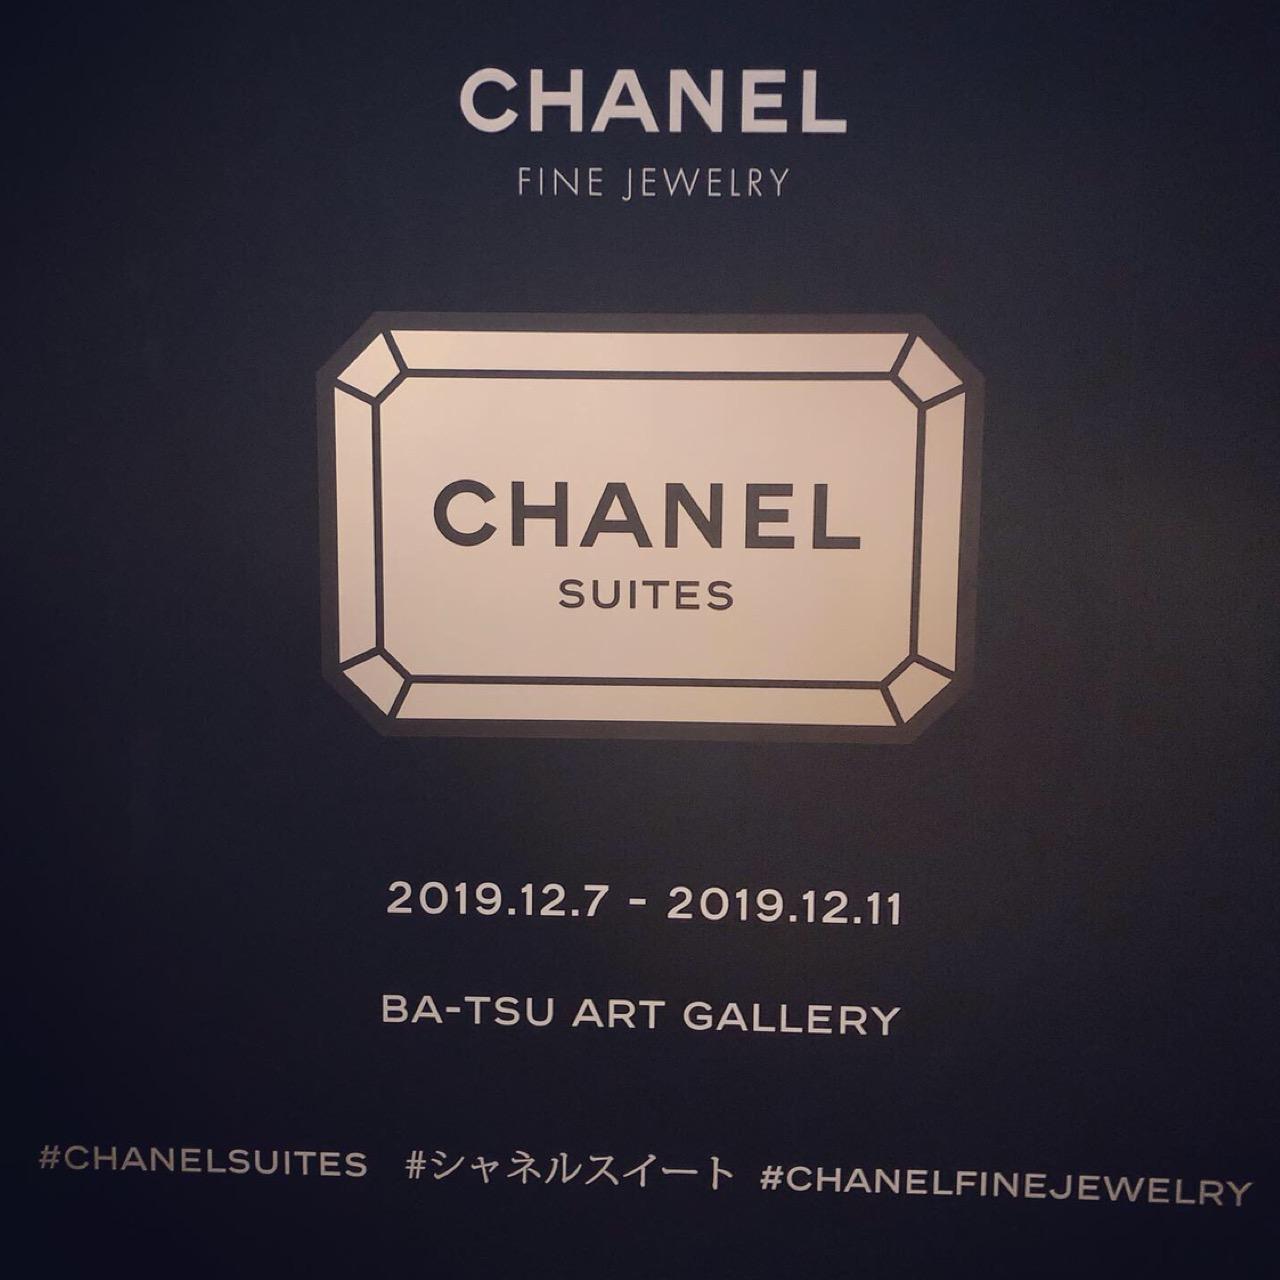 """シャネルのホテル?!ラグジュアリーなポップアップイベント""""CHANEL SUITES""""へいってきました!♡_1"""